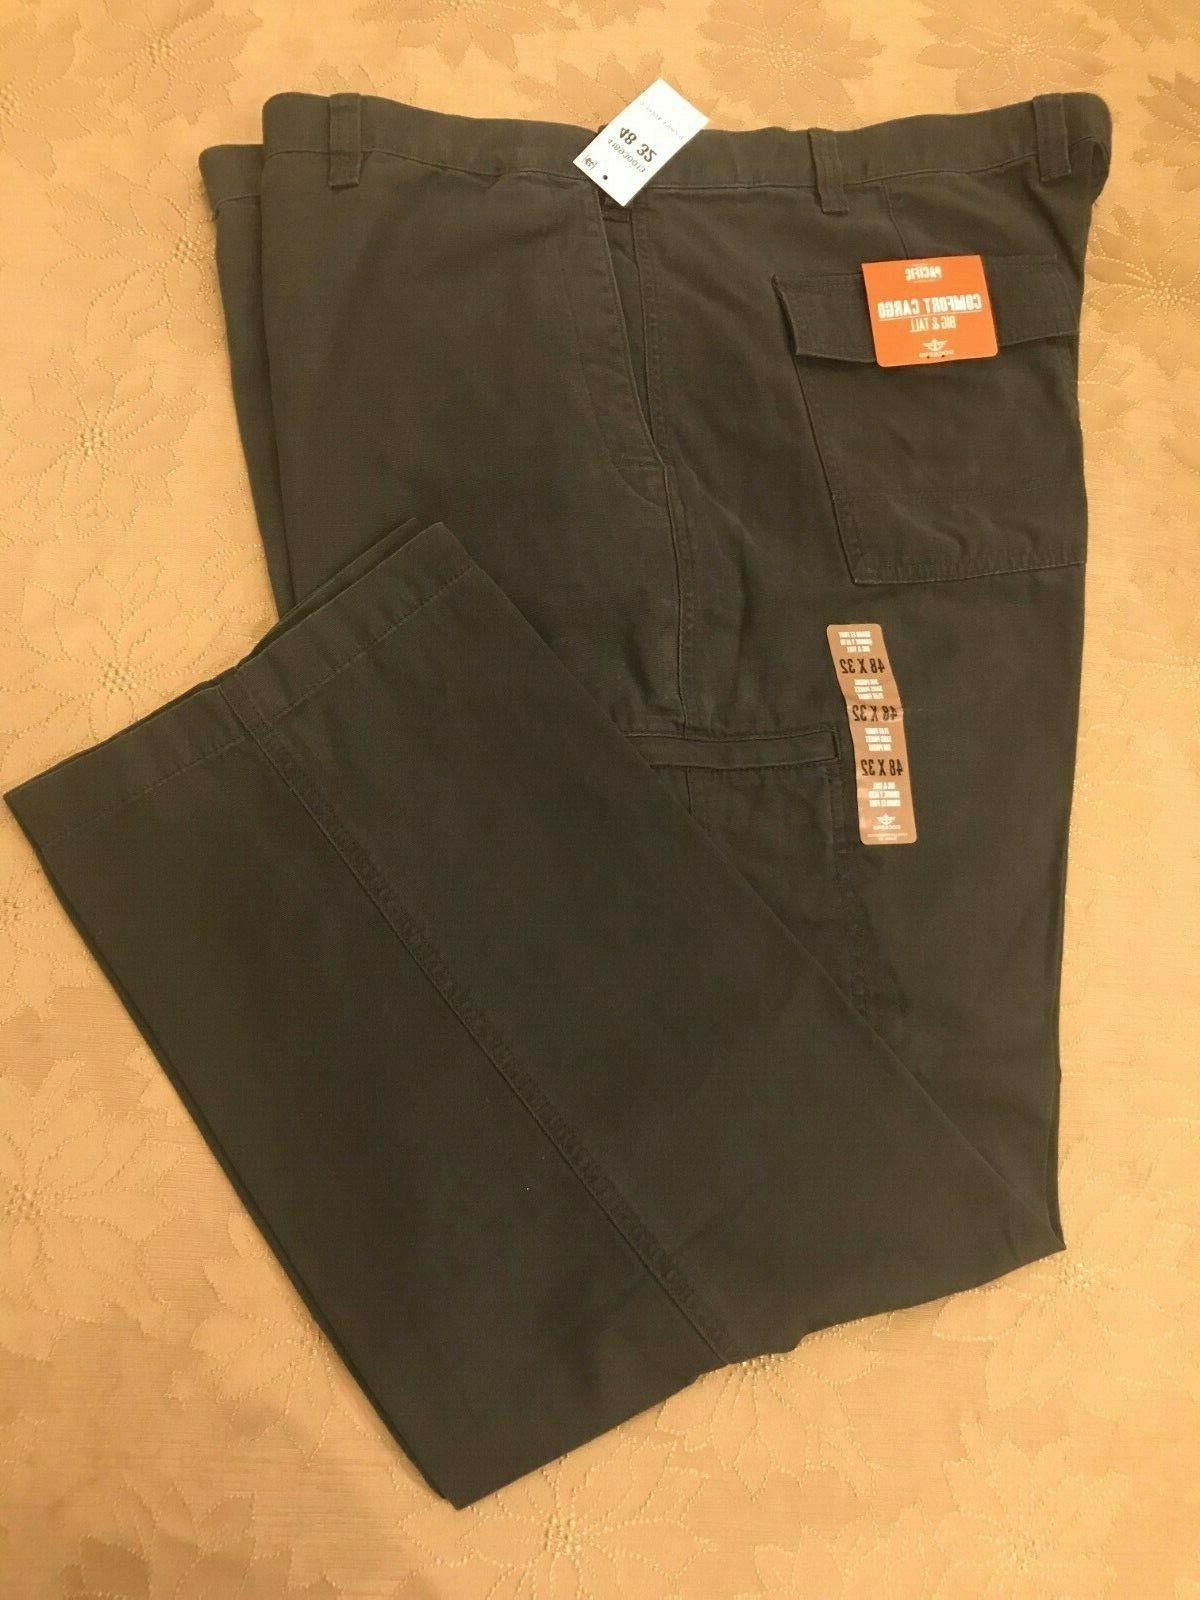 d3 classic fit comfort cargo pants size